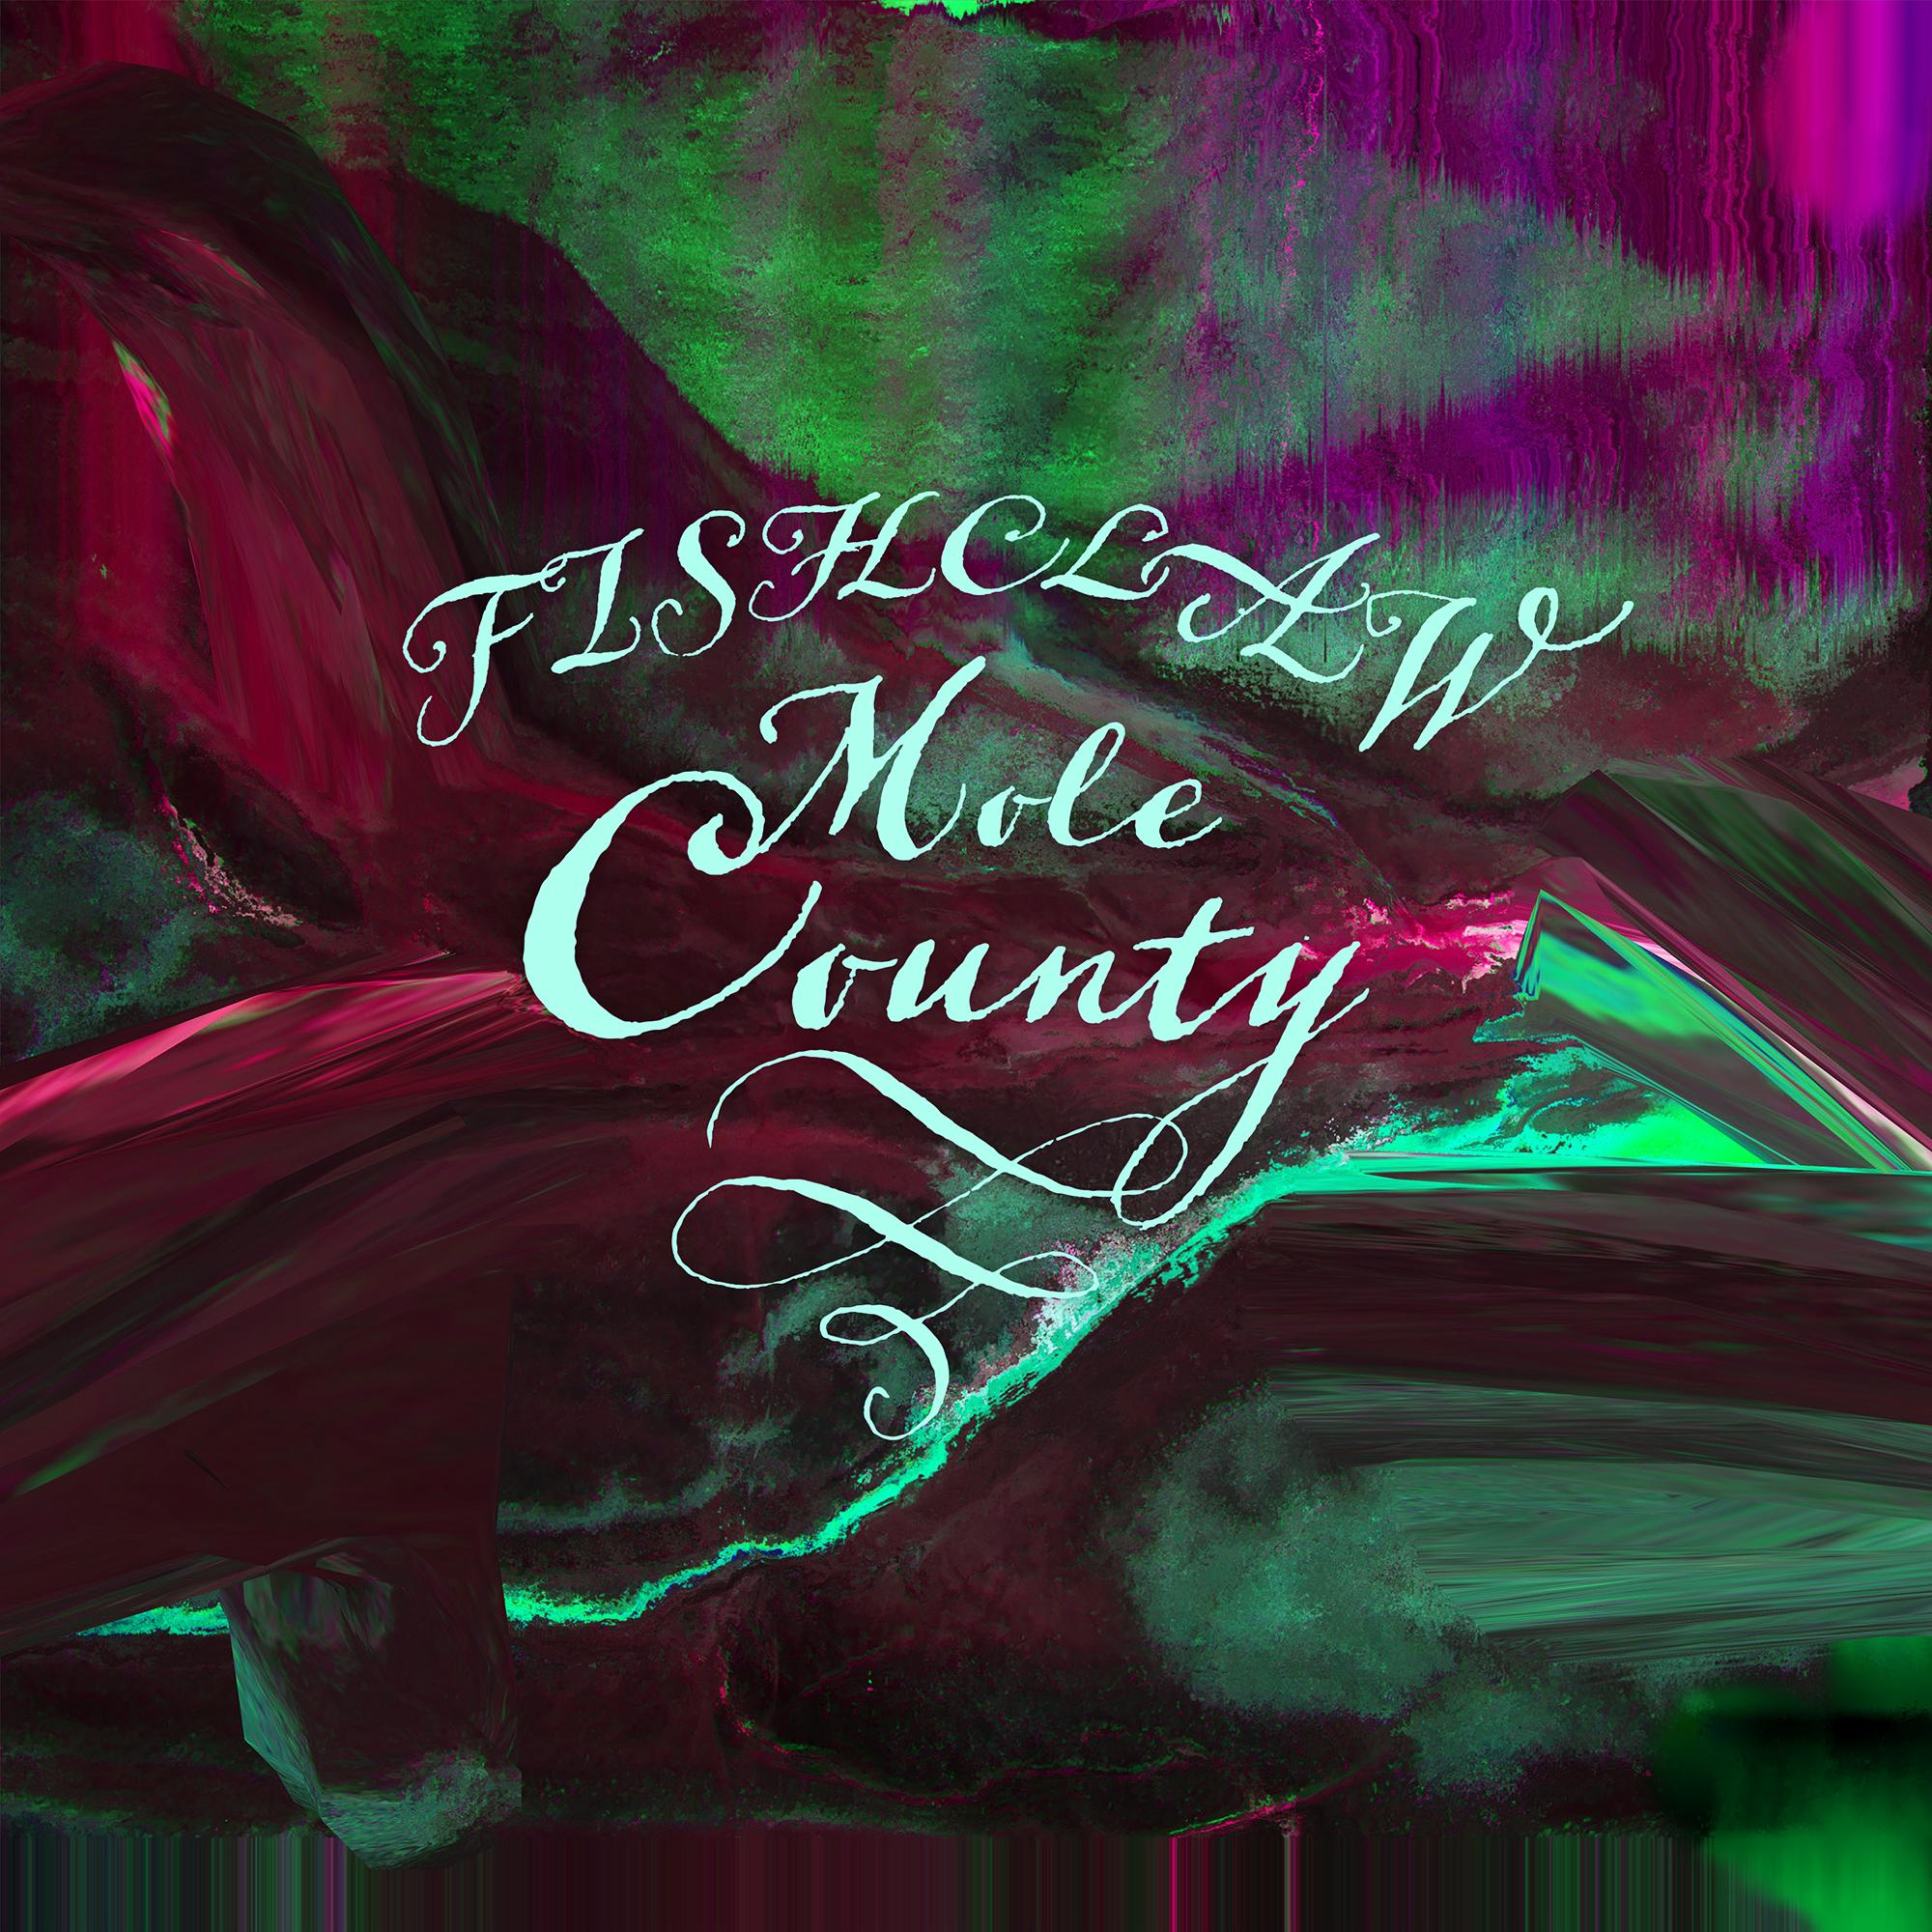 Fishclaw - Mole County v2 2000x2000.jpg